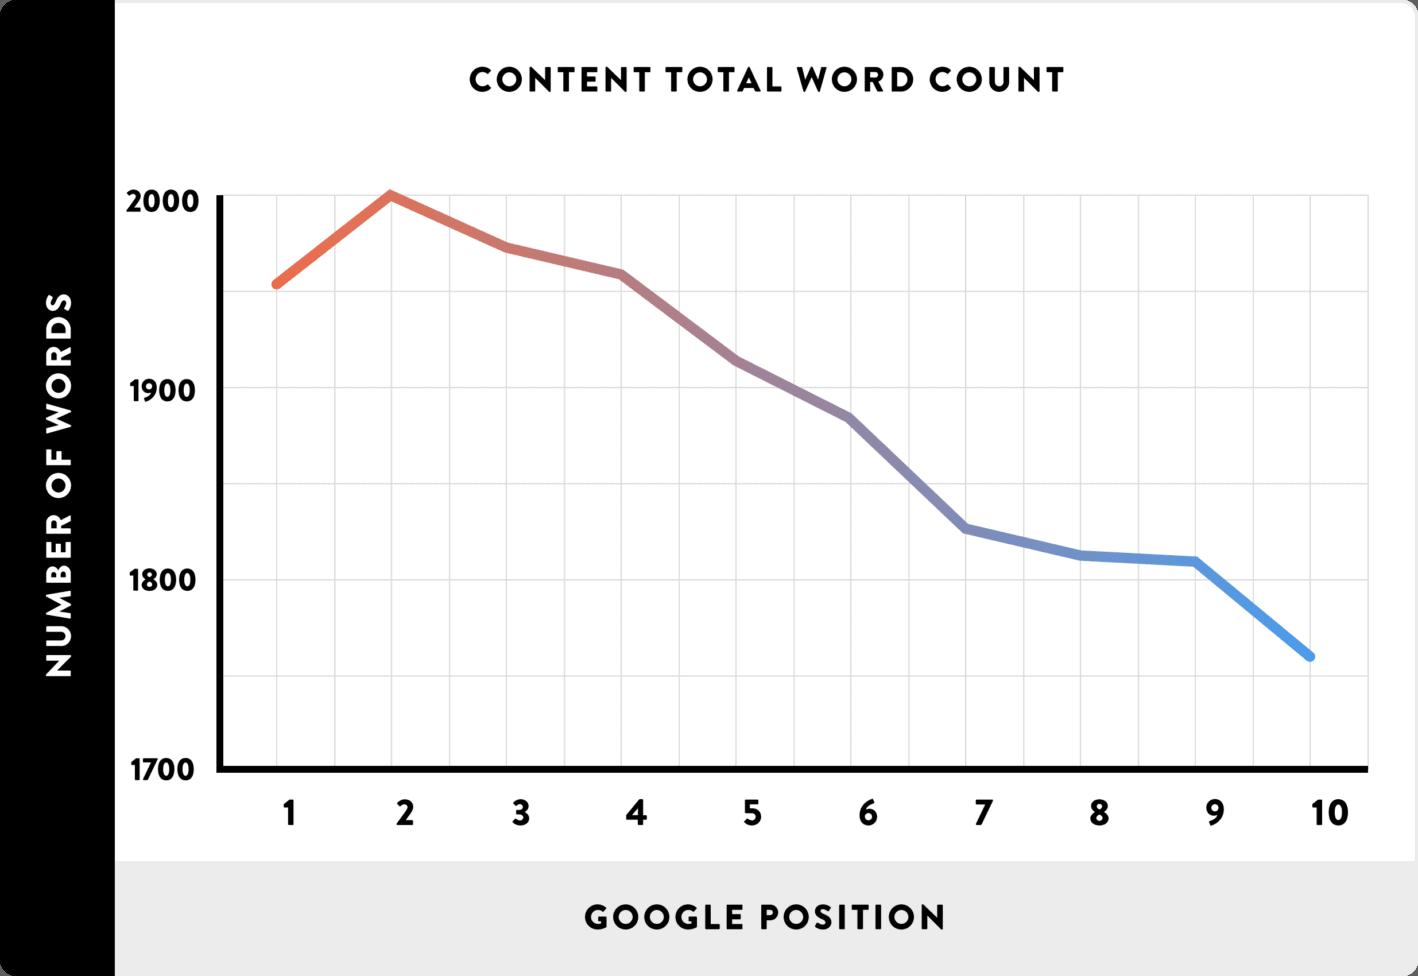 Backlinko Study on Word Count